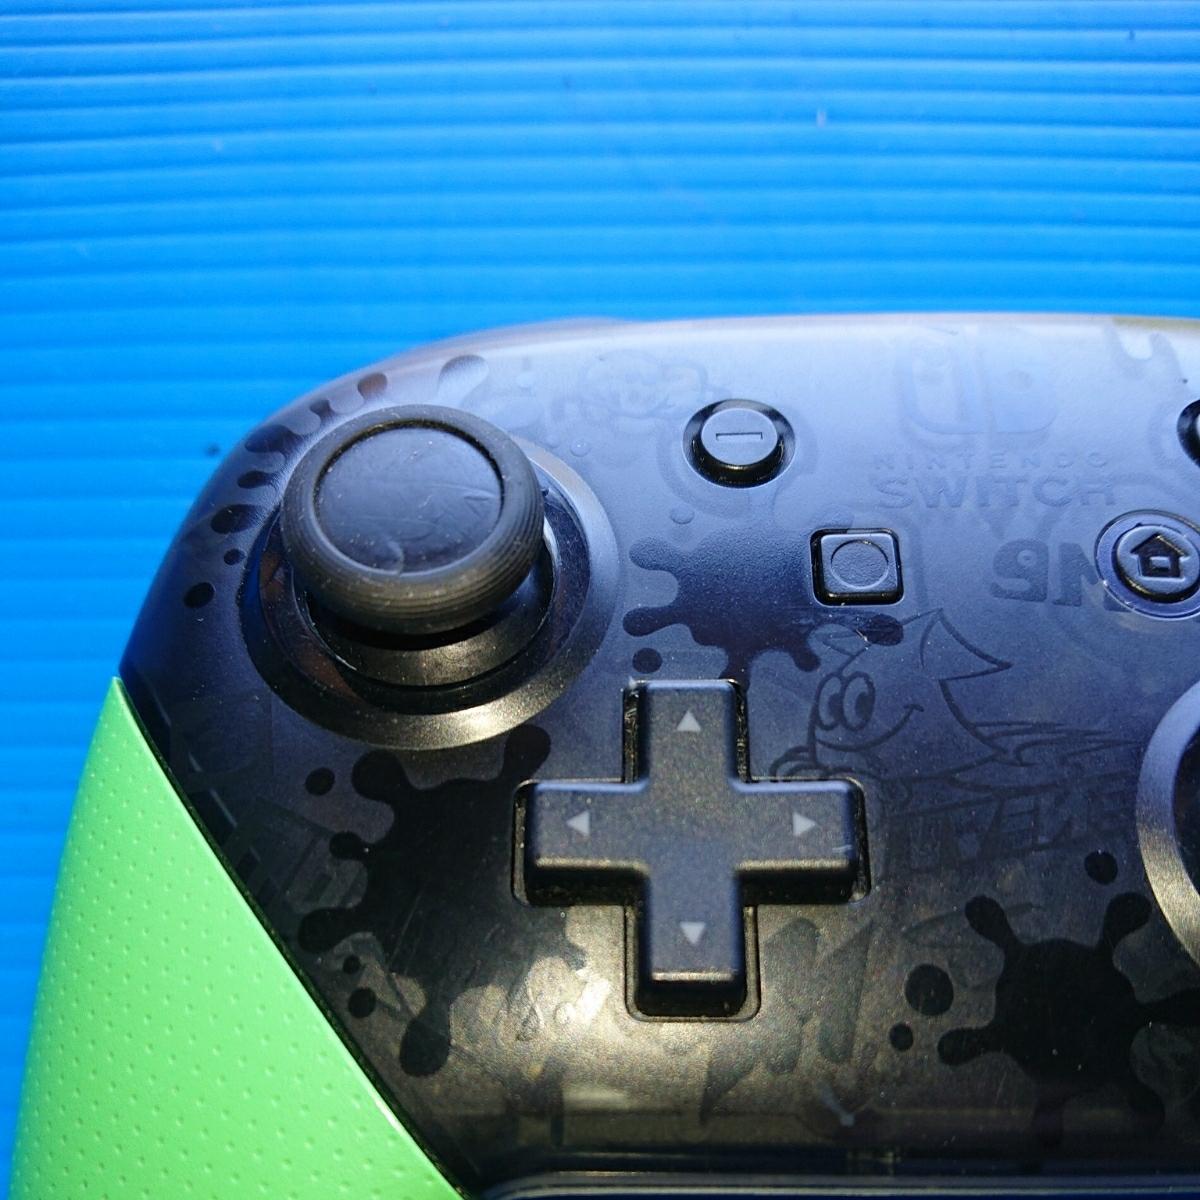 【動作未確認・ジャンク扱い】switch スイッチ コントローラー Nintendo Proコントローラー スプラトゥーン2 エディション 任天堂 純正_画像4